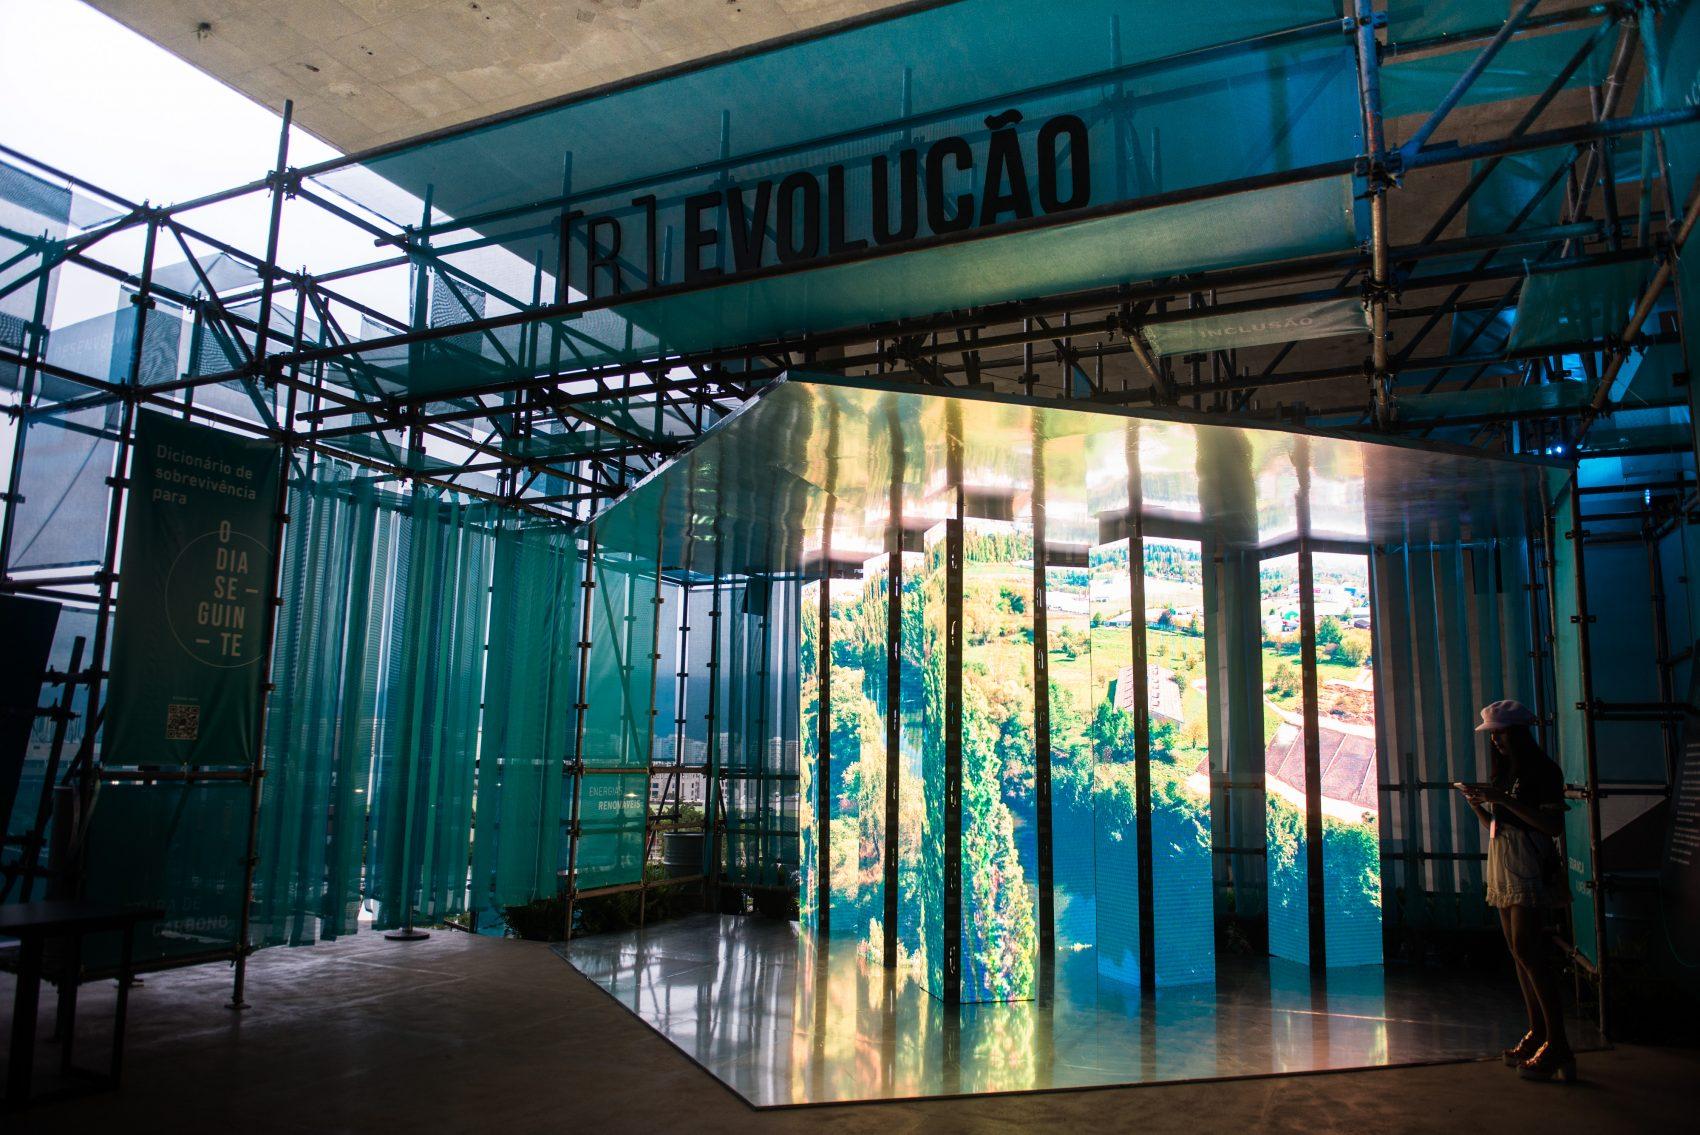 Módulo {R]Evolução da exposição O Dia Seguinte, exemplos de cidades pelo mundo que já fazem o esforço de utilizar uma economia de baixo carbono (Foto: Arlette Alencar)